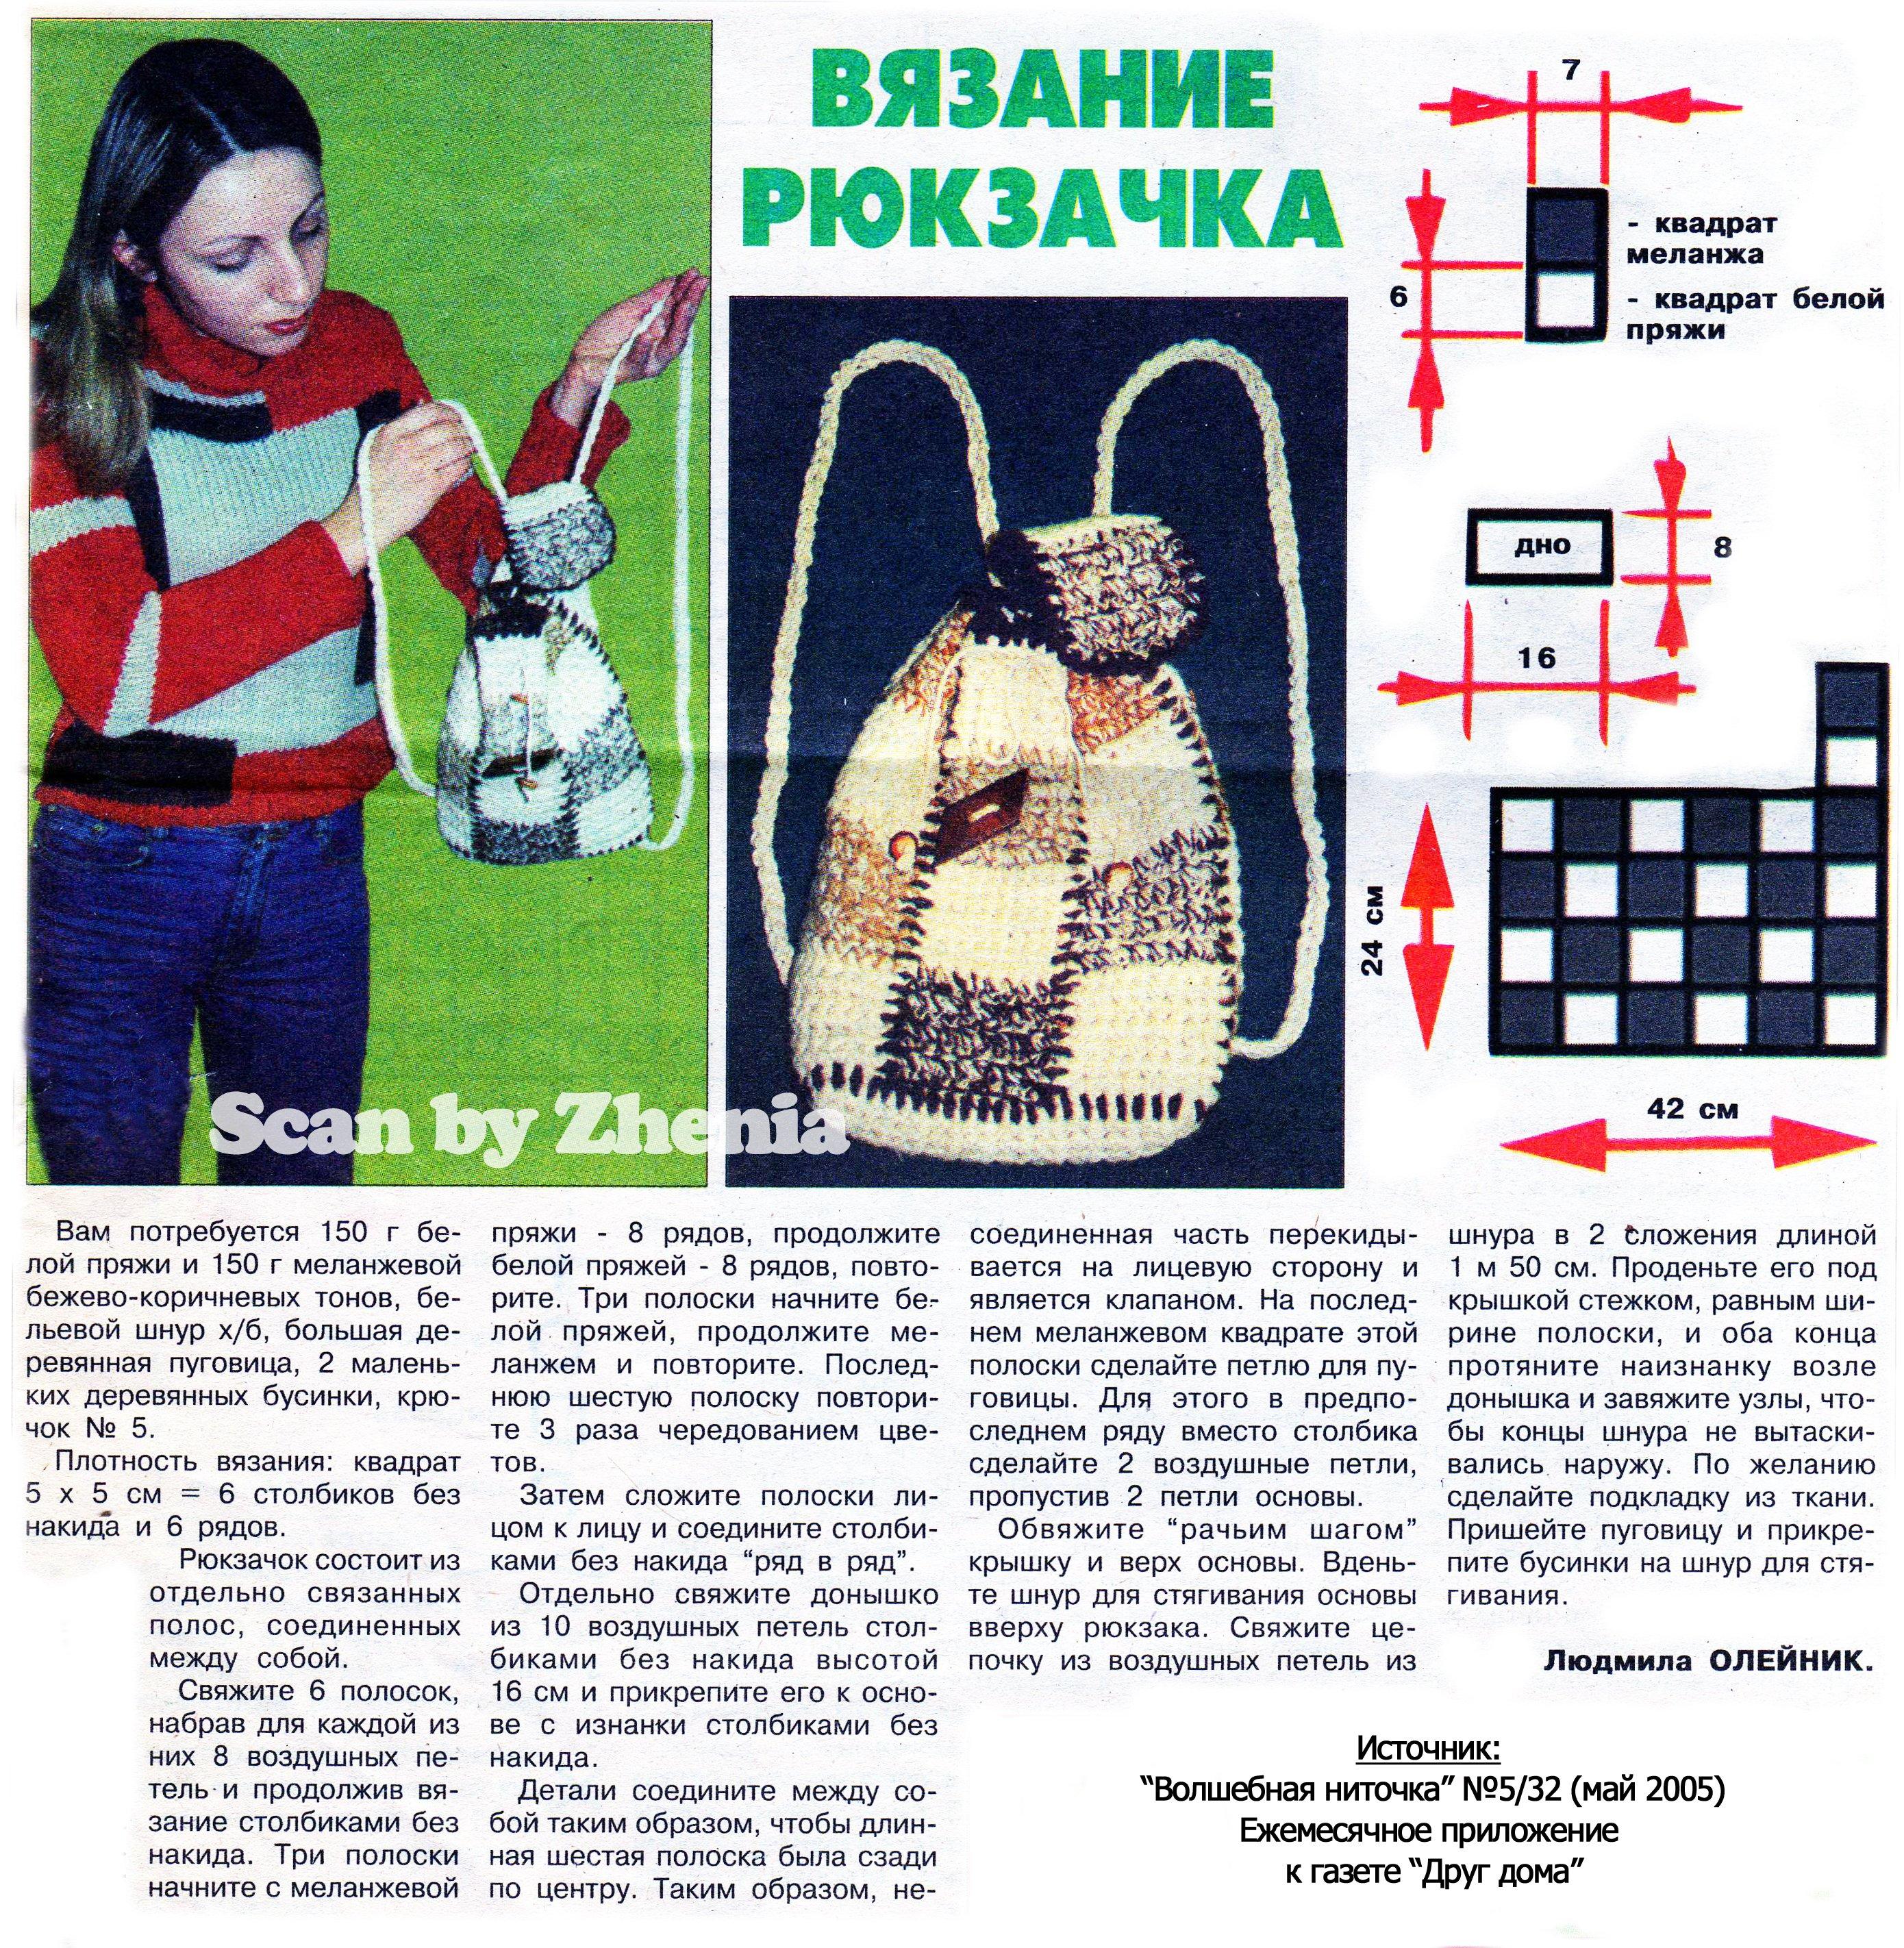 Вязание крючком рюкзачки со схемами для девочек